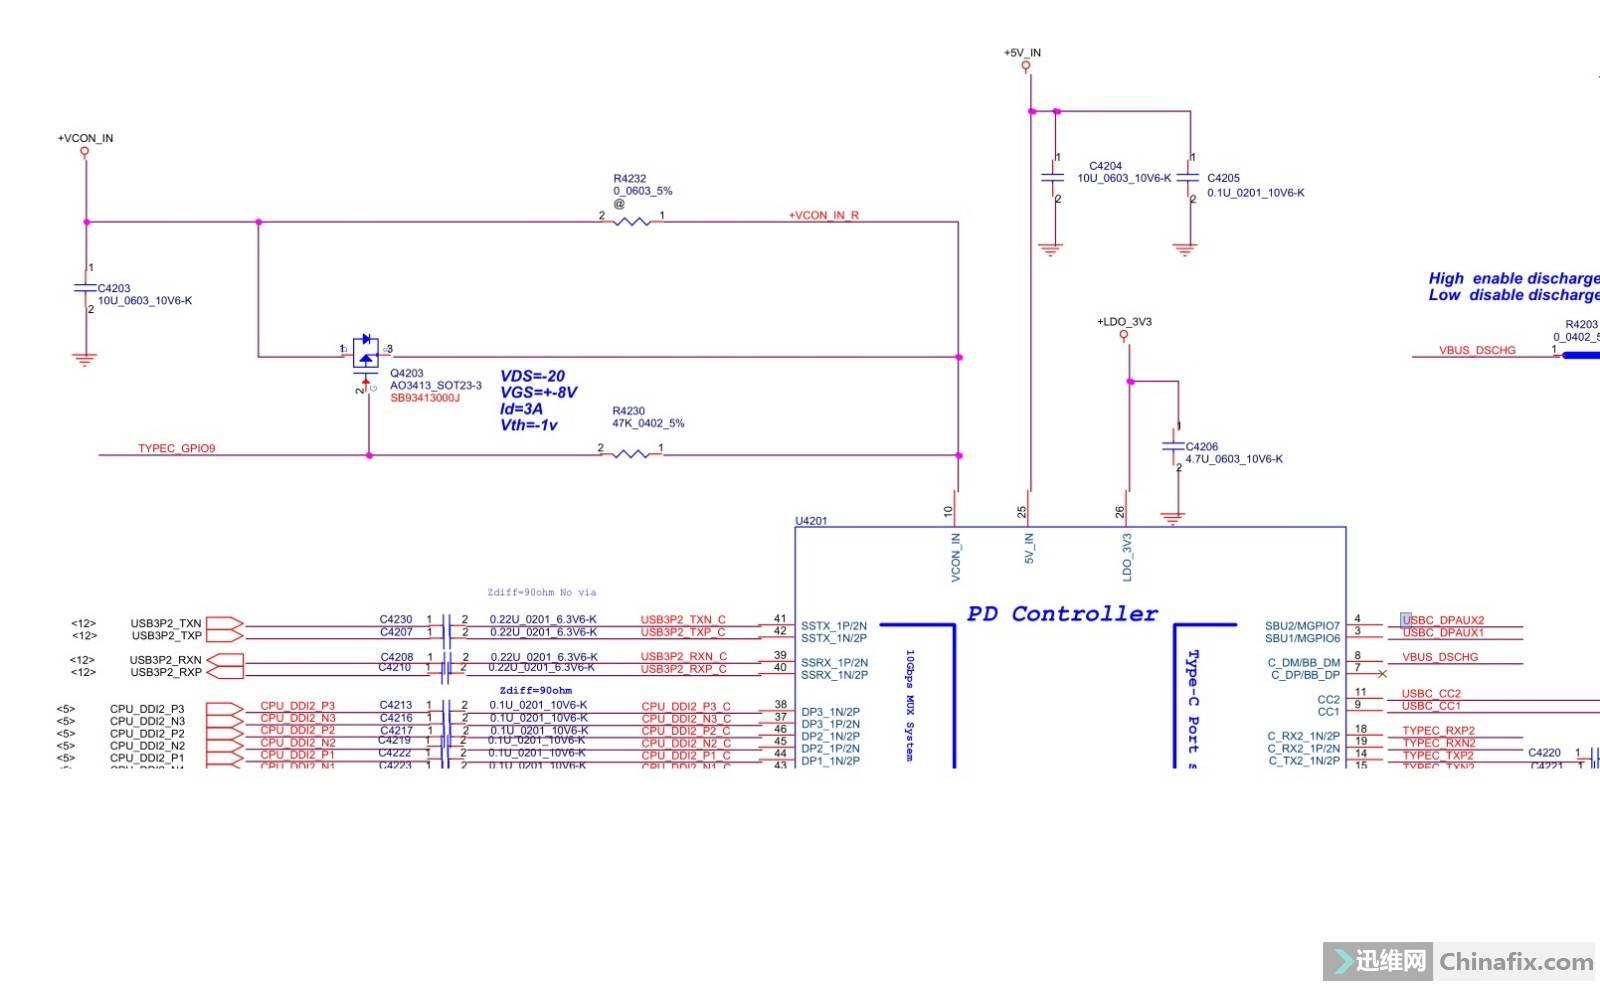 拆掉这个RTS5455用适配器可以加电做系统还是掉电